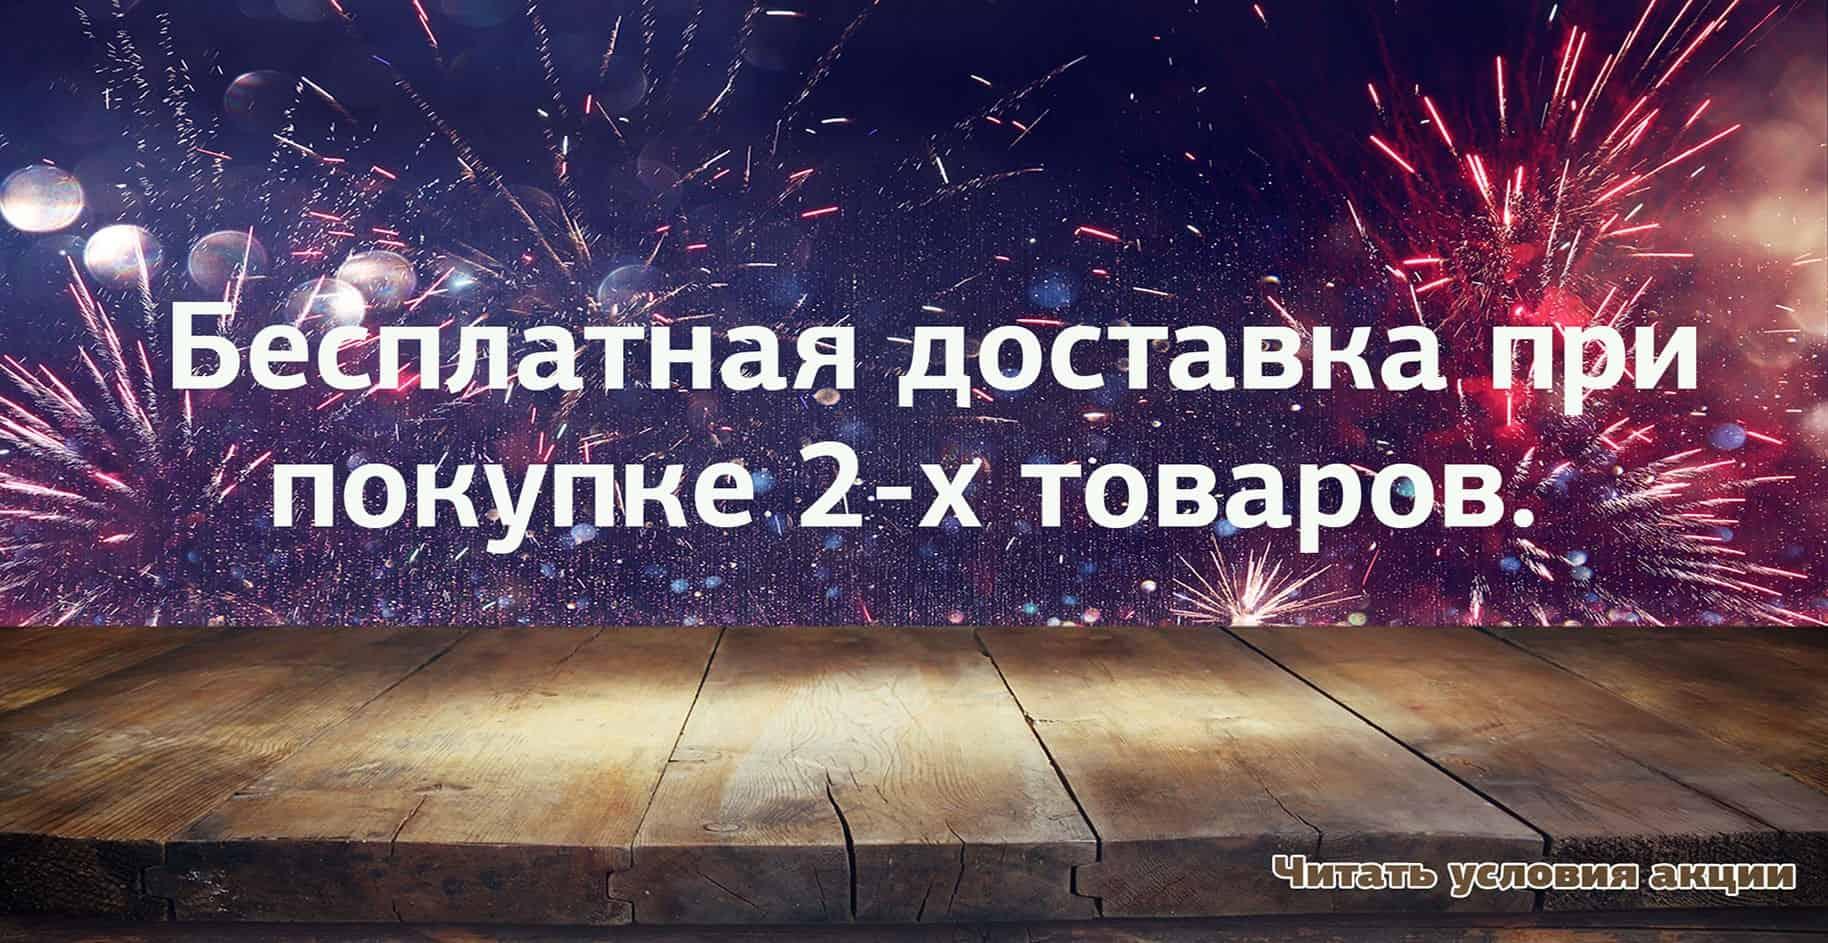 Бесплатная доставка на склад Новой почты при покупке 2-х любых товаров!